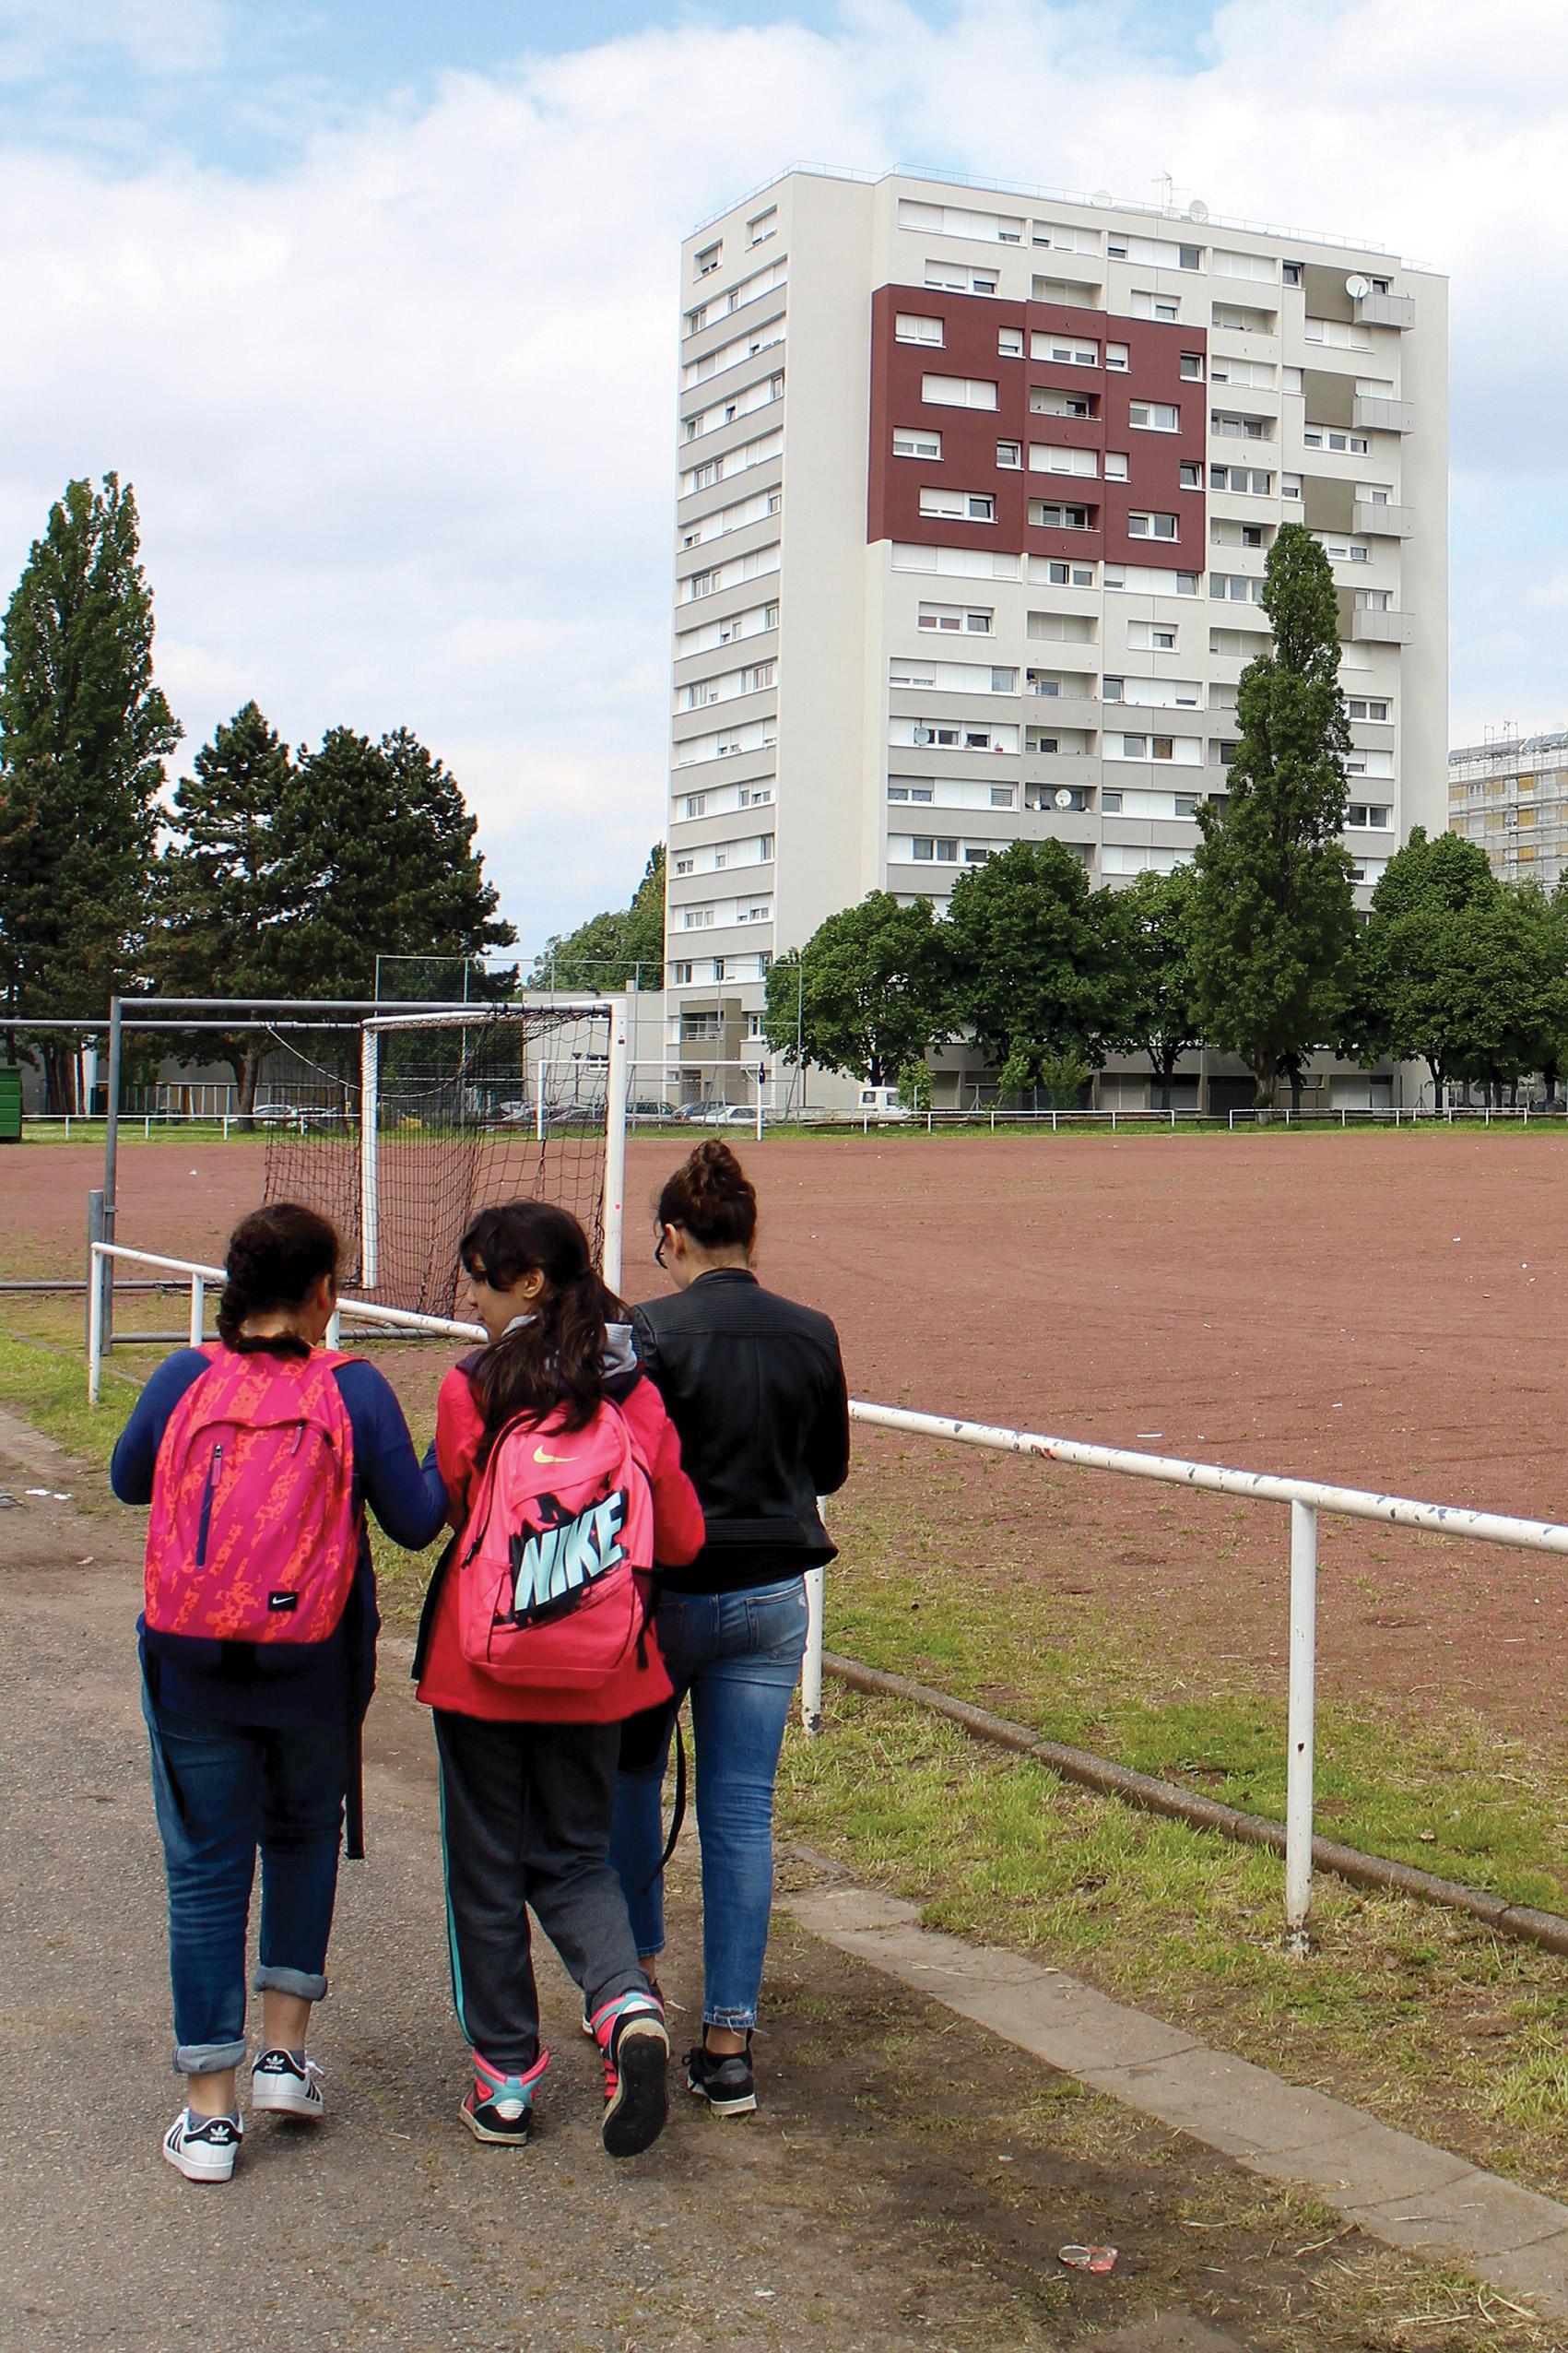 Chantier  Dans ma ville il y a... Espaces et individus  mené par  Jérémy Bellot et Hervé Munch  / mai - juin 16